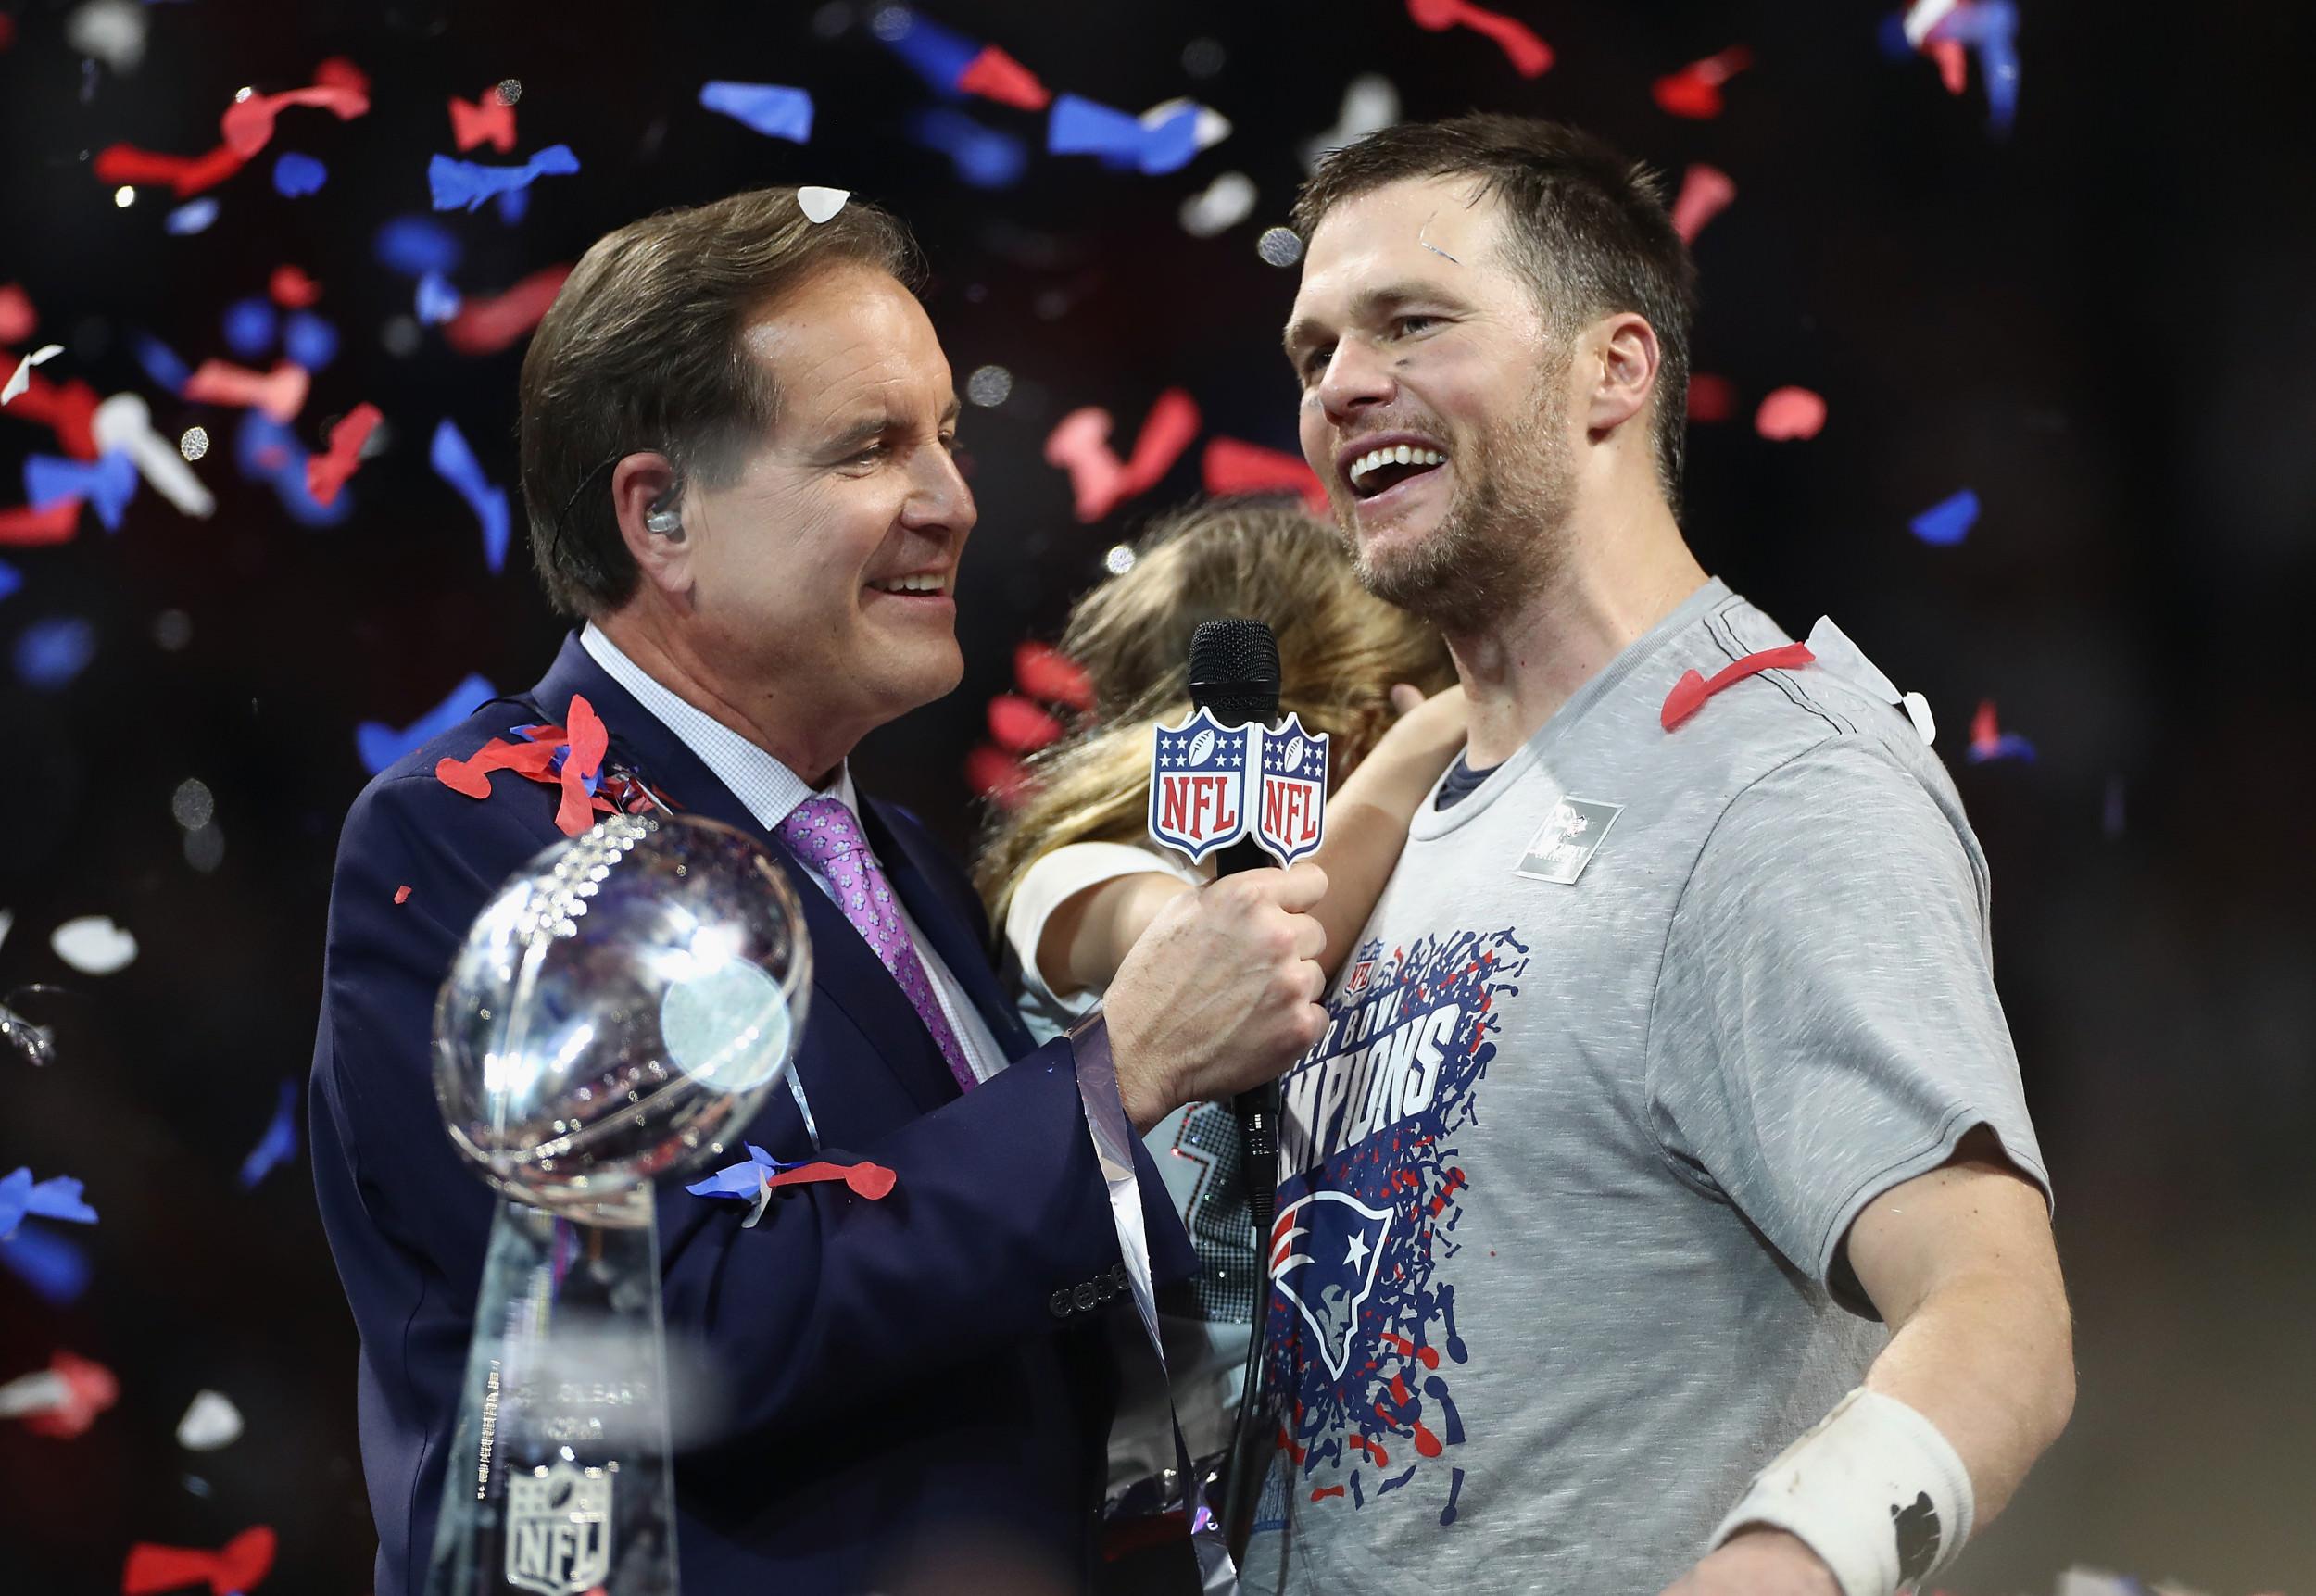 Quantos Super Bowls Tom Brady ganhou?  Uma retrospectiva dos últimos triunfos do QB